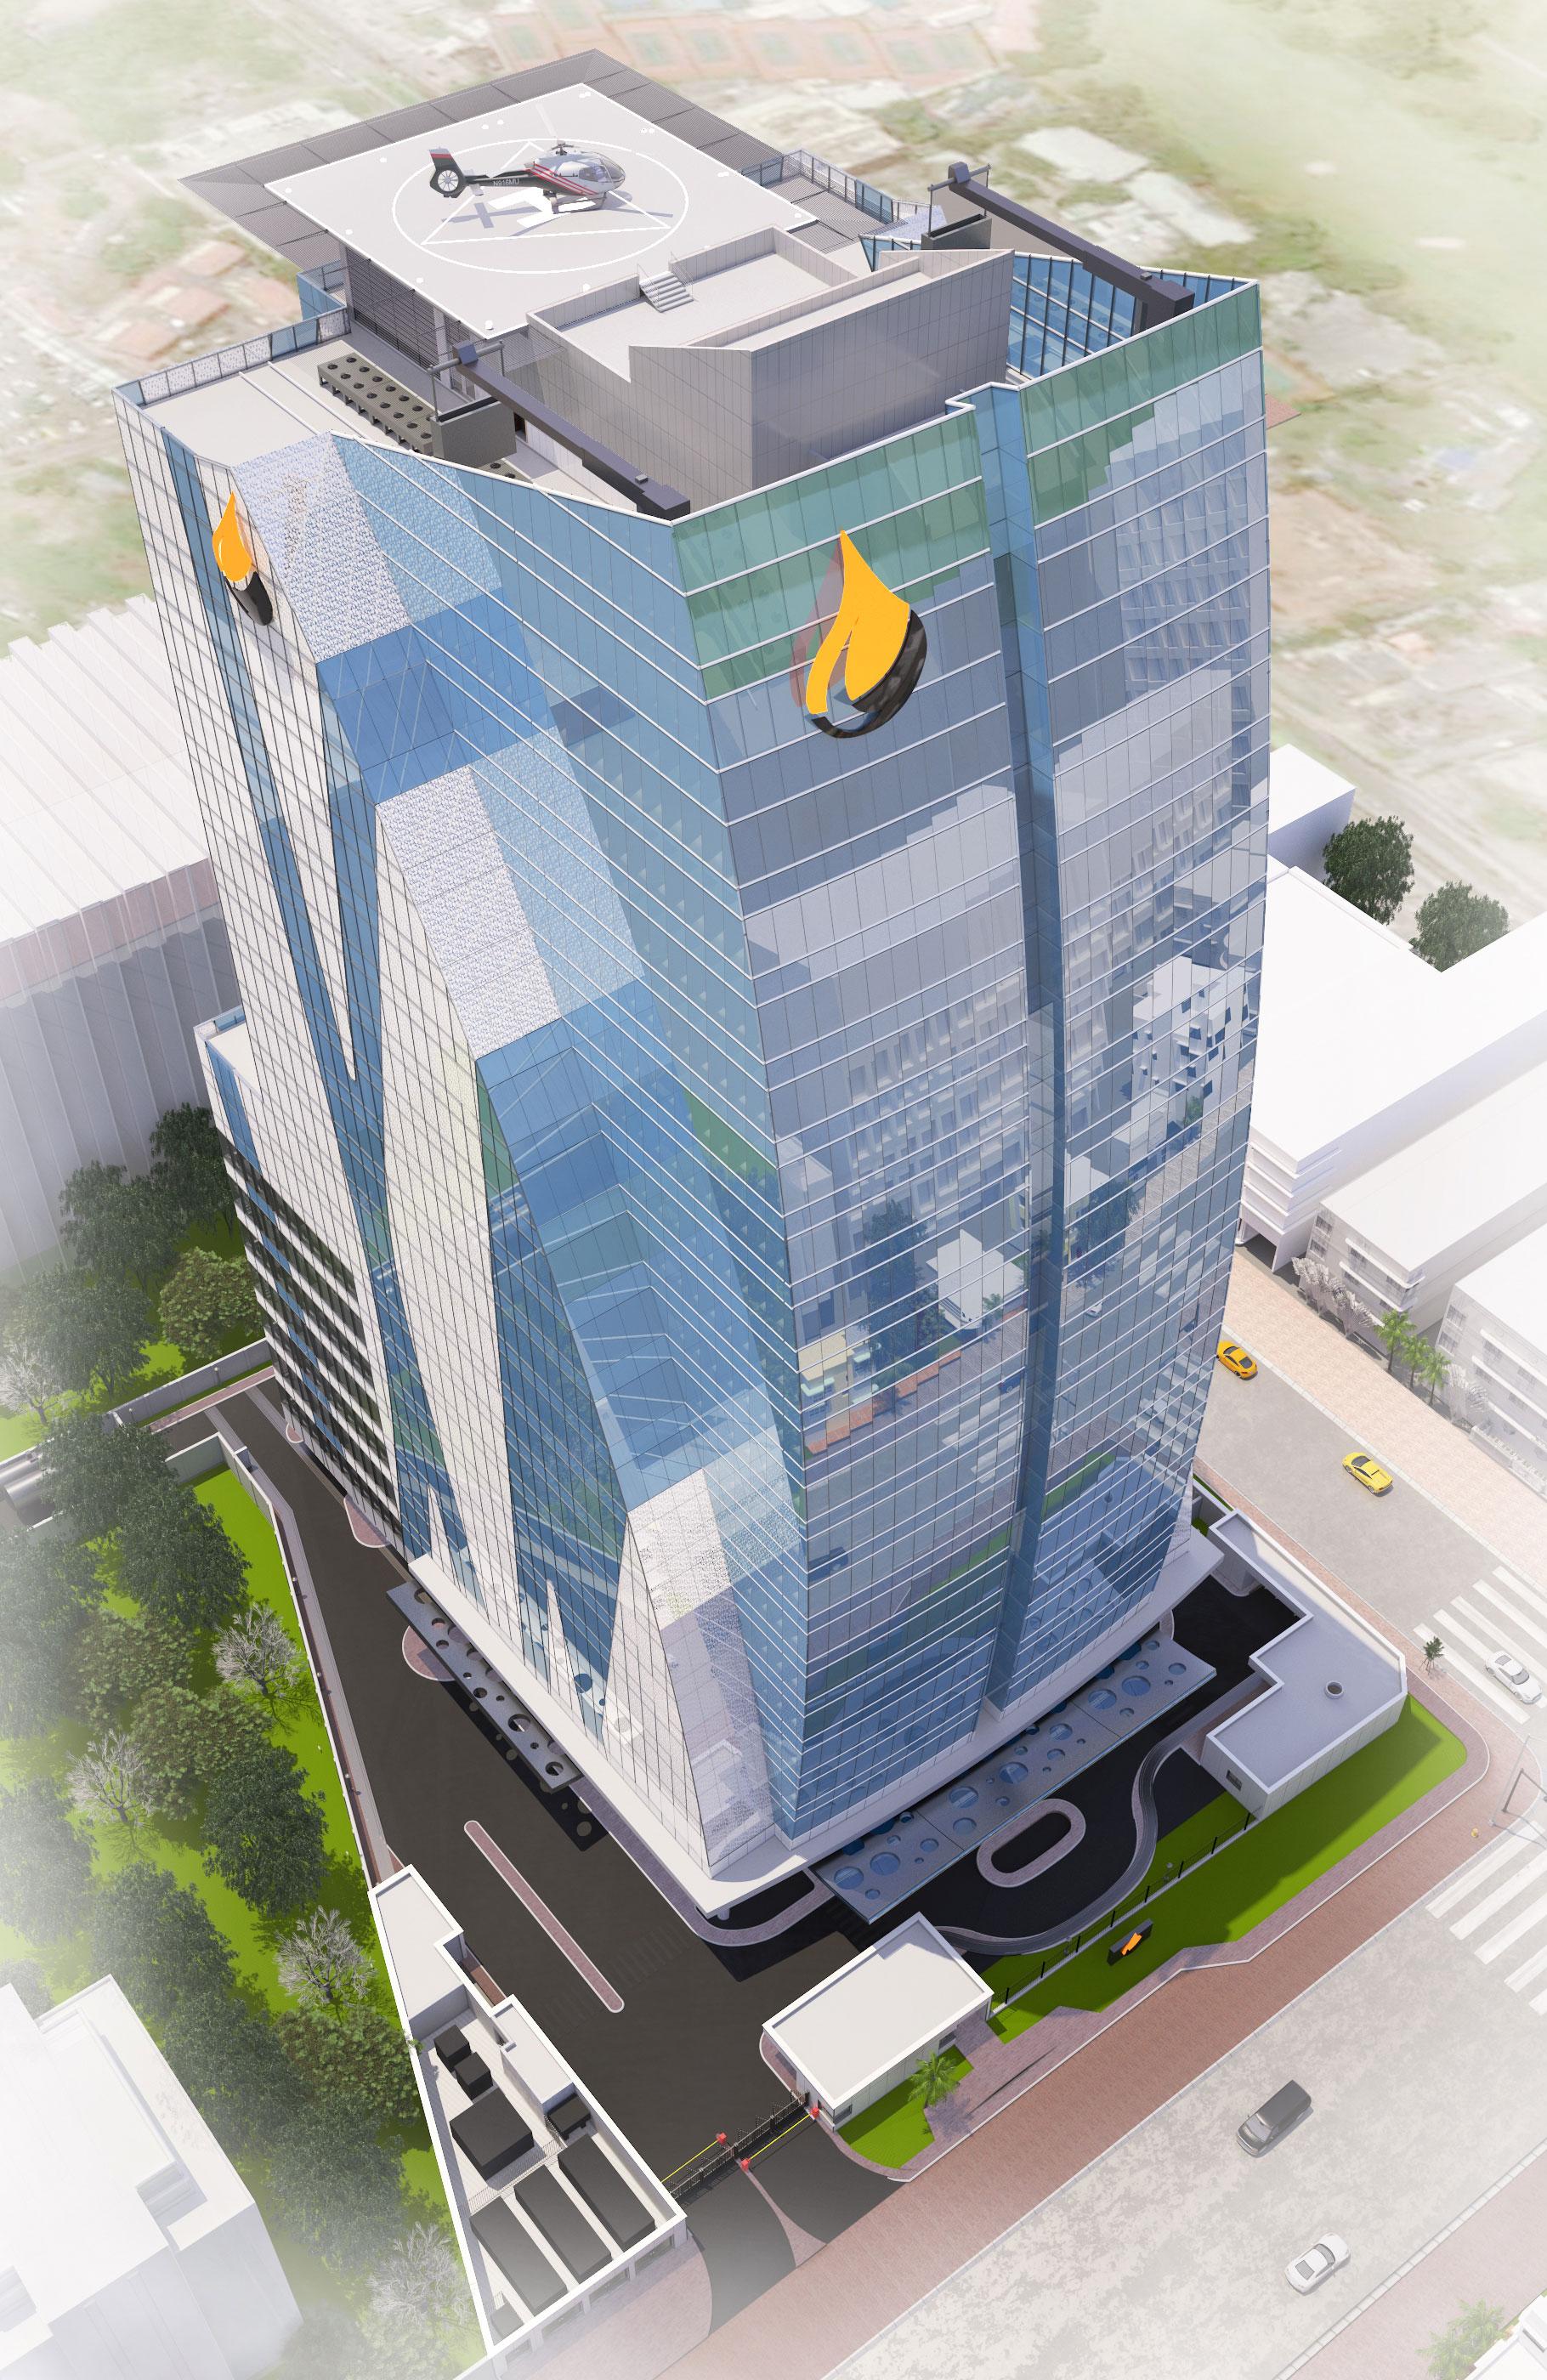 Famfa Oil Tower